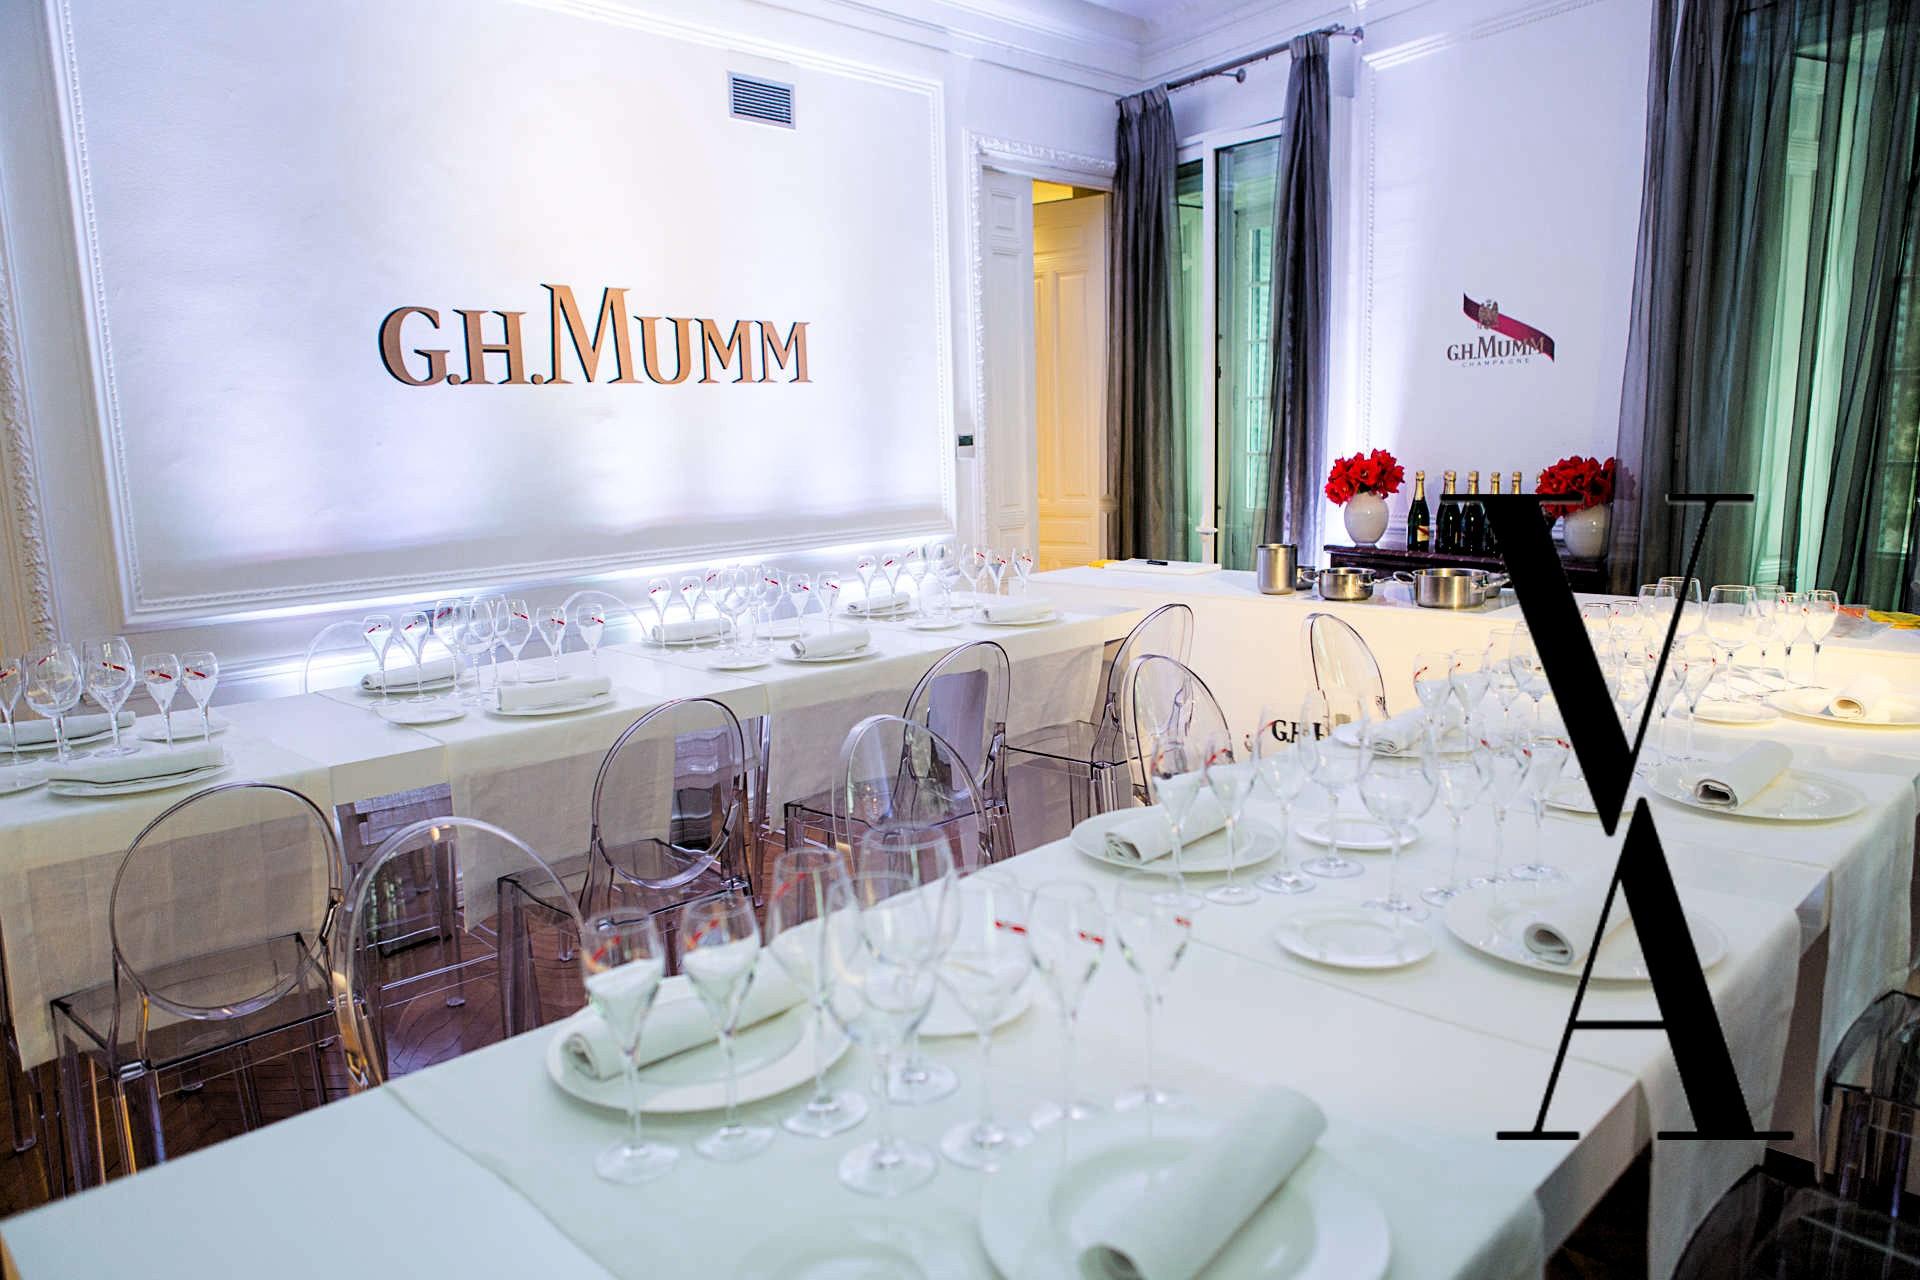 maison-g-h-mumm_1